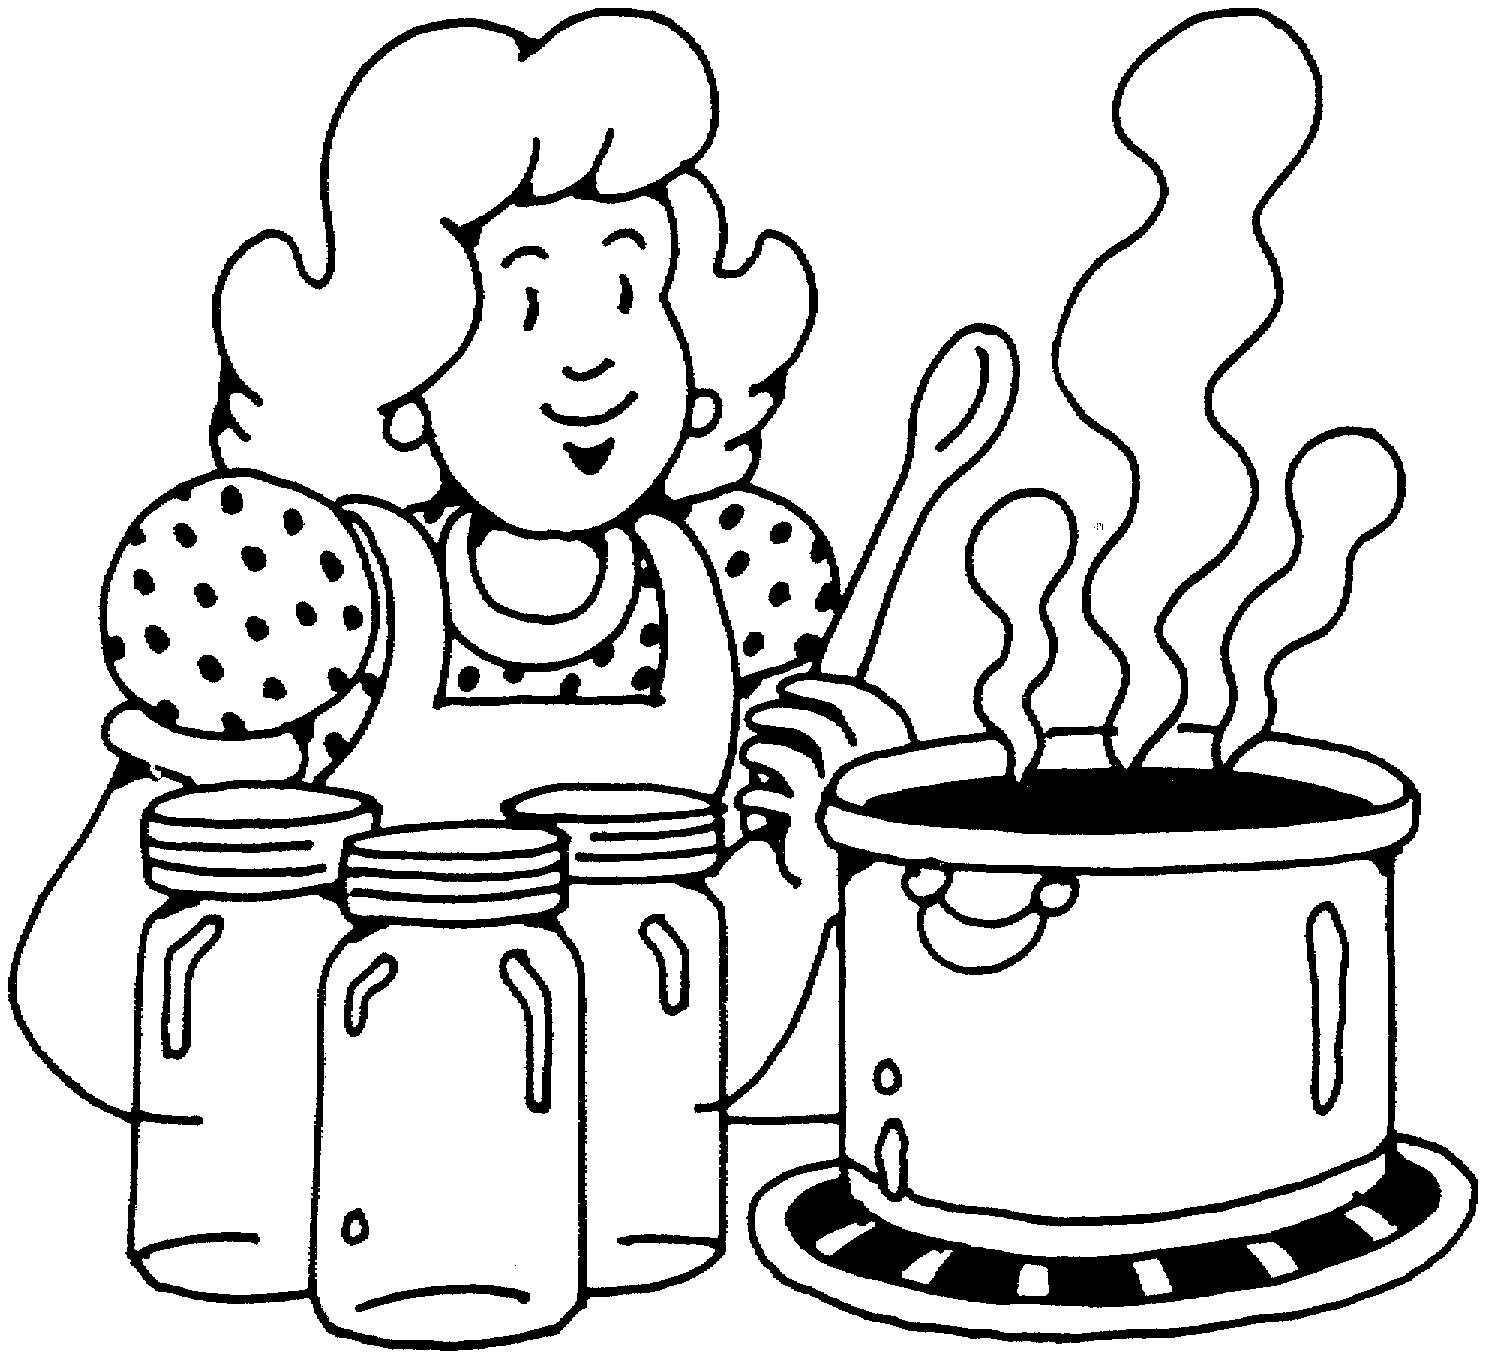 Картинки повара для детей раскраски